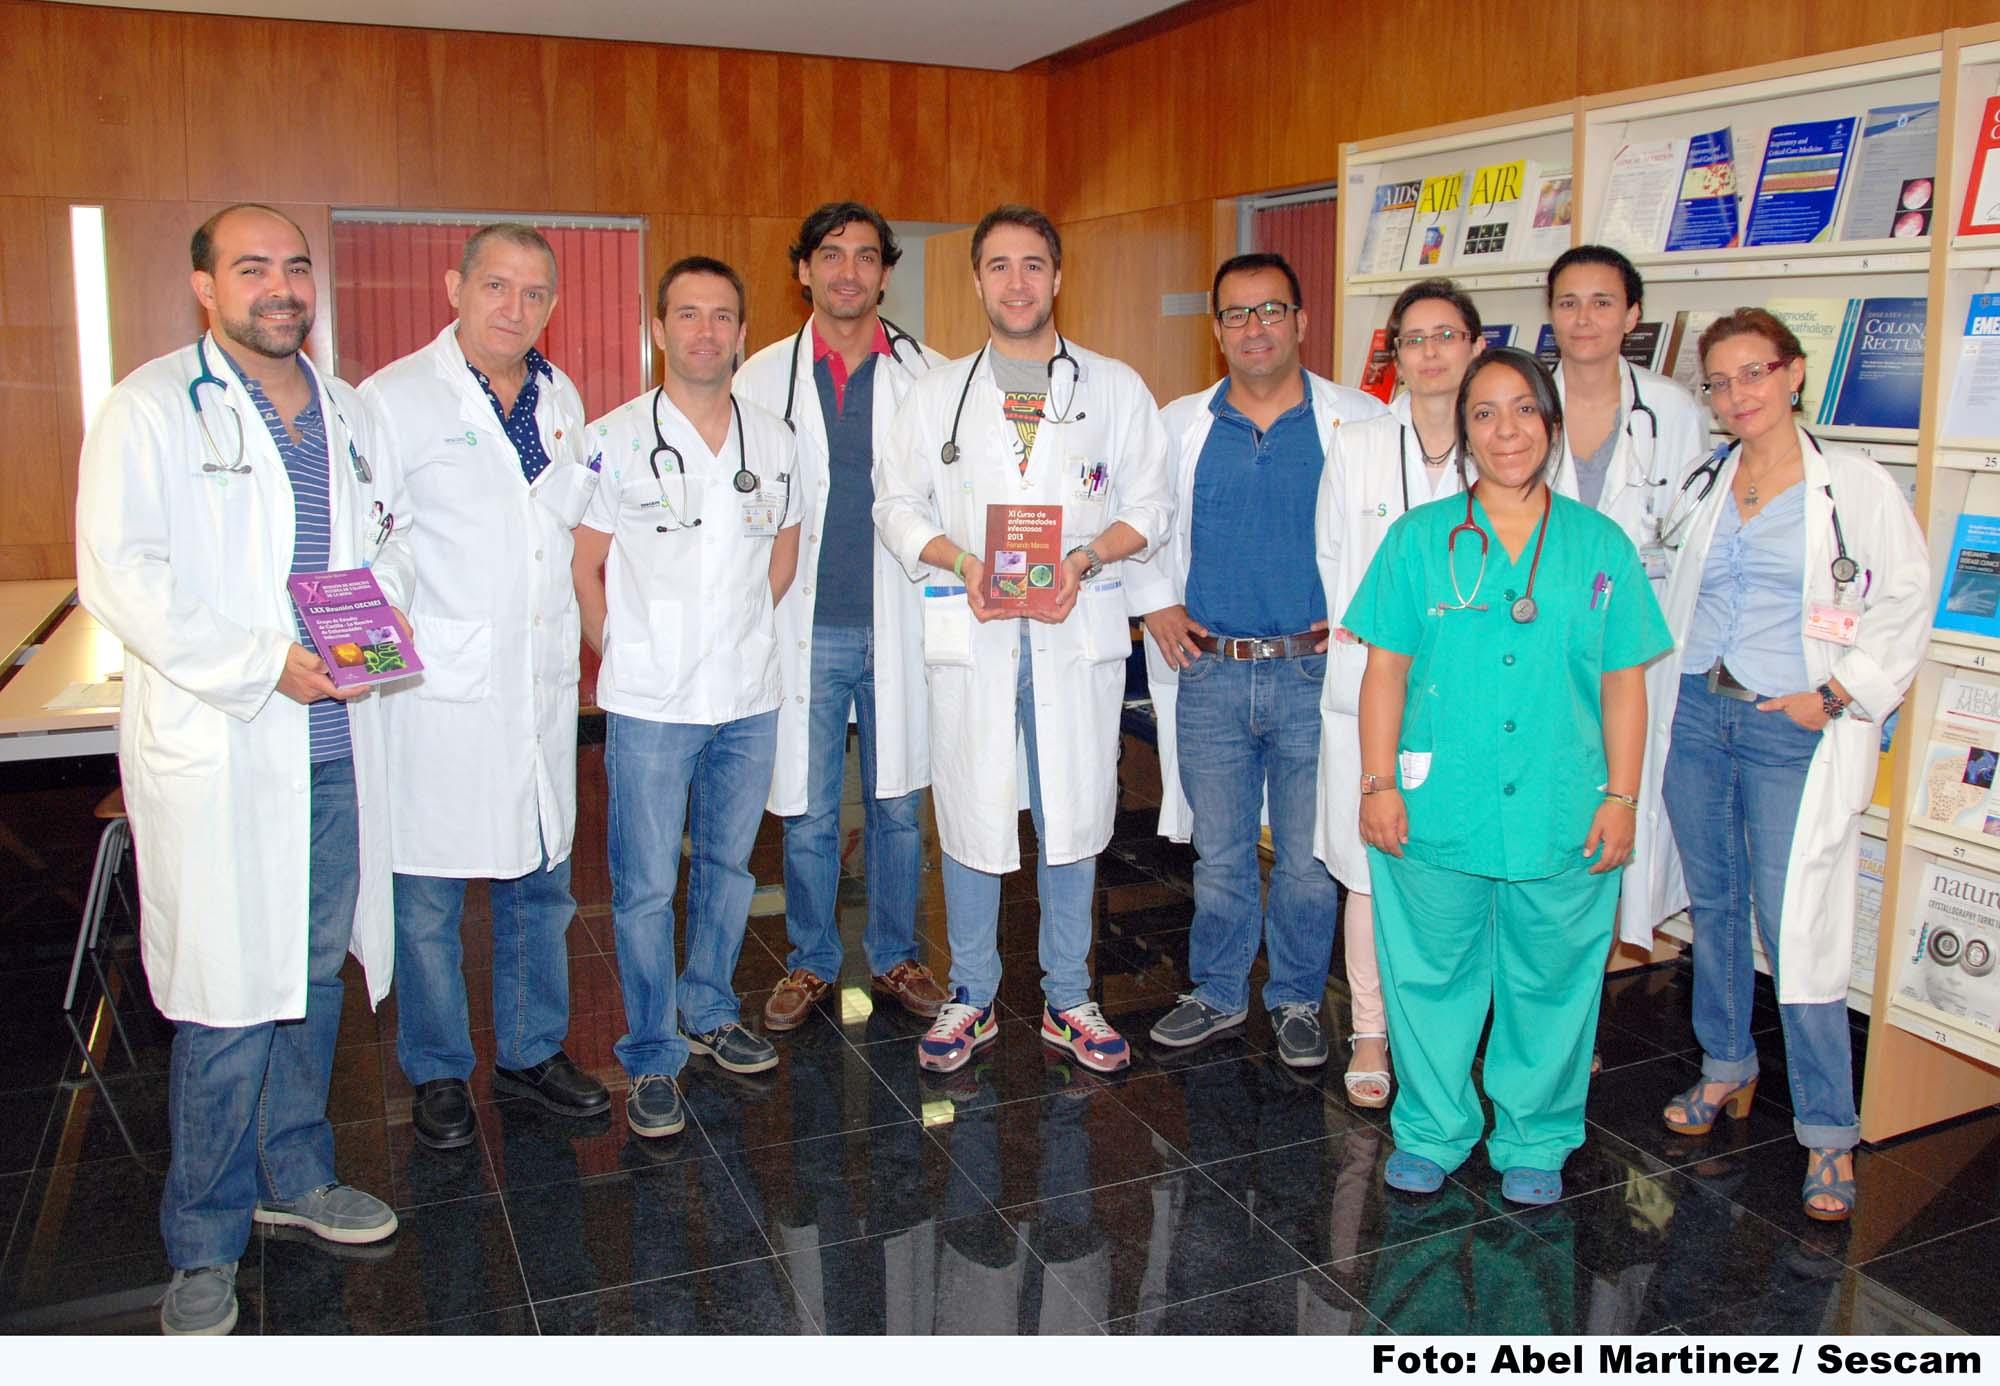 El servicio de medicina interna del hospital de talavera - La reina del mueble talavera ...